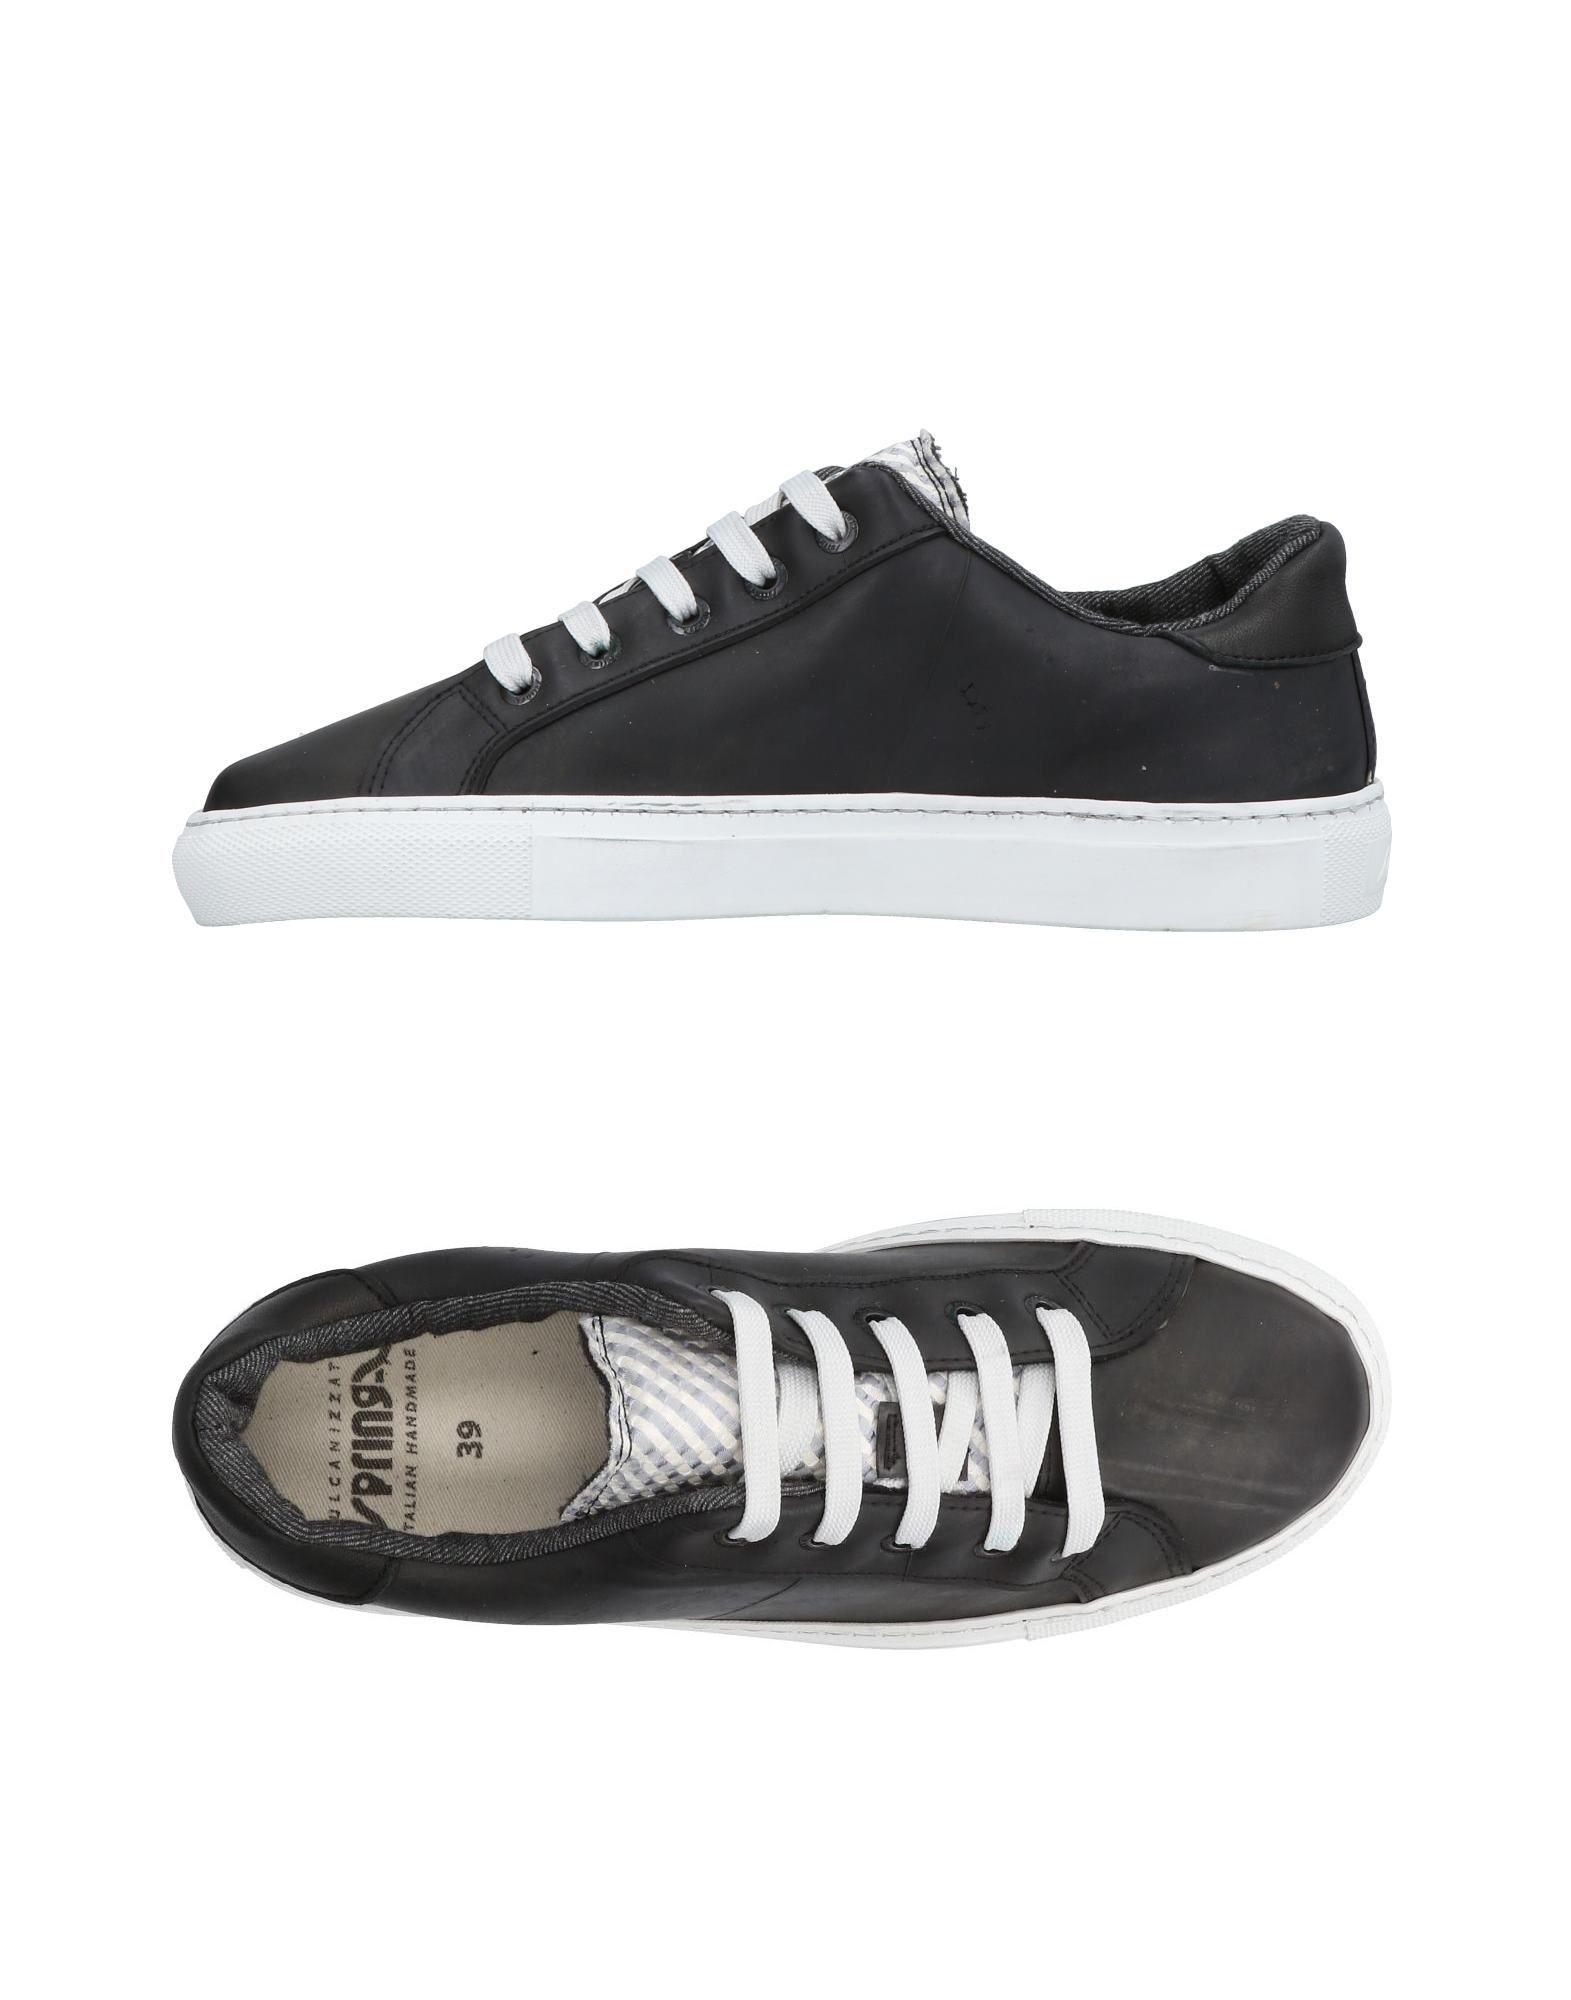 《送料無料》SPRINGA メンズ スニーカー&テニスシューズ(ローカット) ブラック 41 革 / 紡績繊維